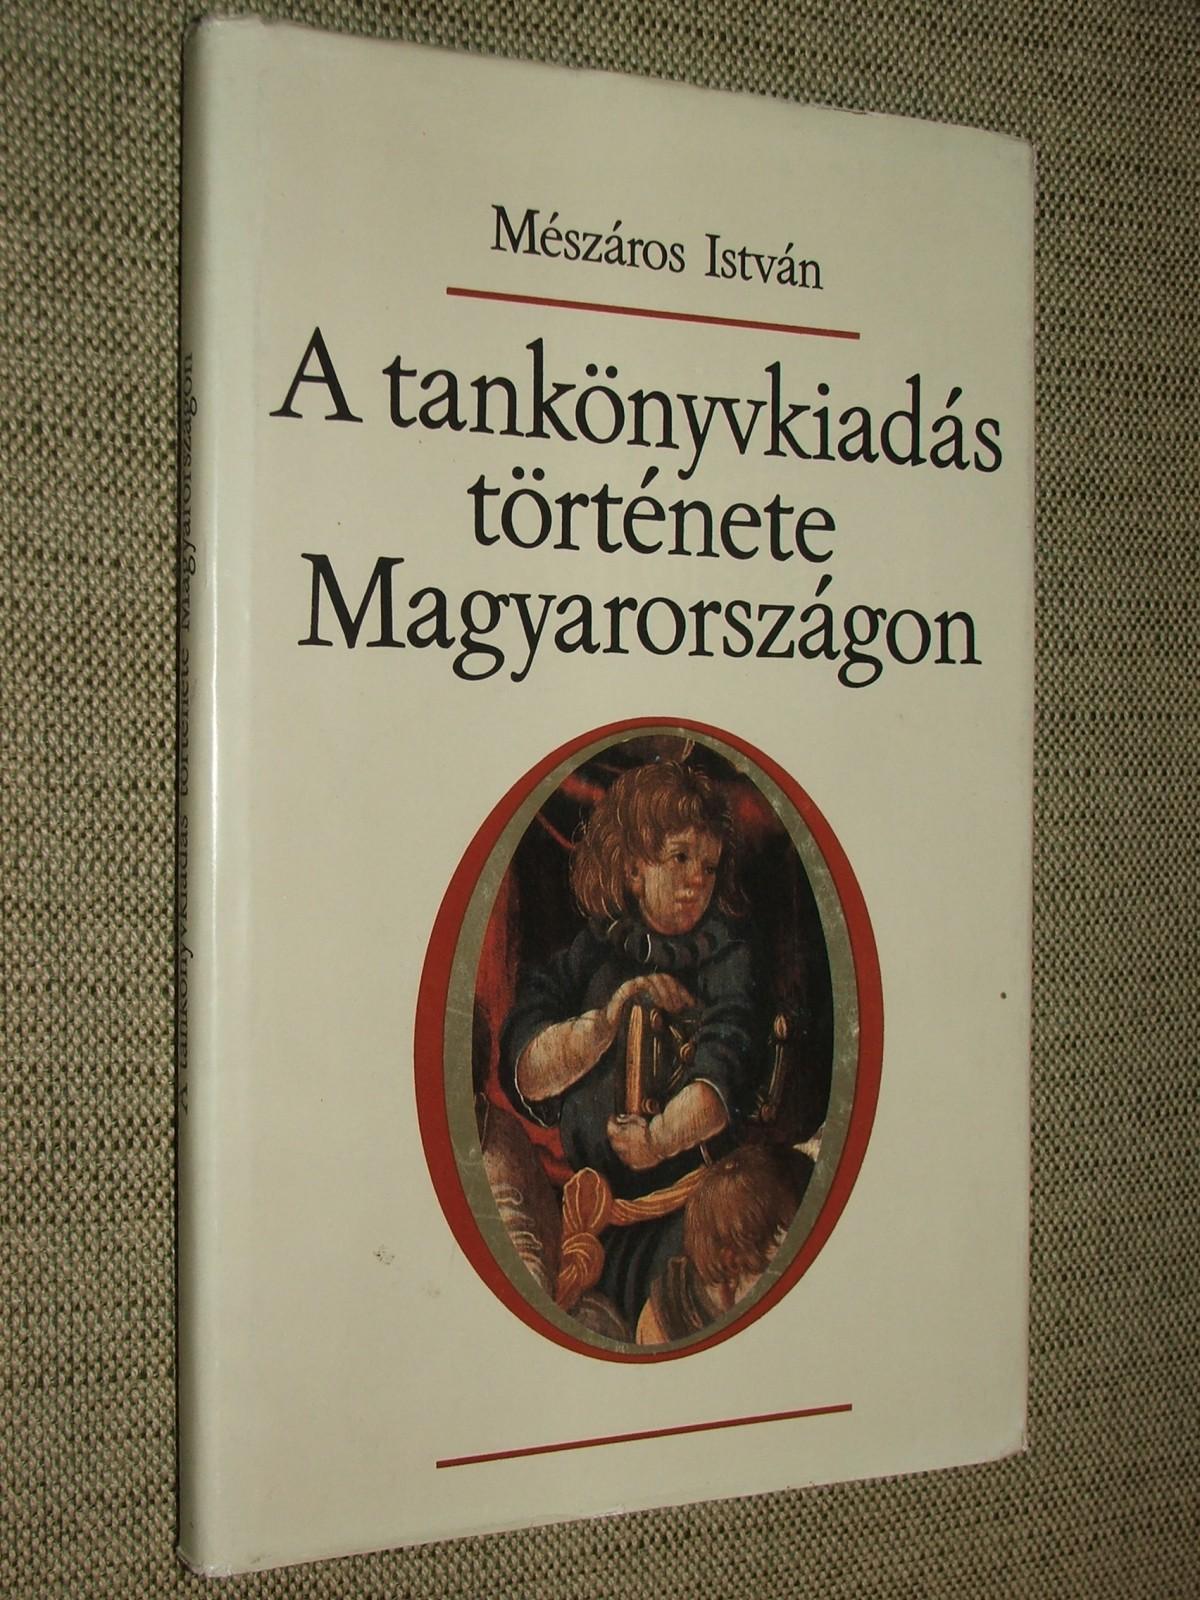 MÉSZÁROS István: A tankönyvkiadás története Magyarországon